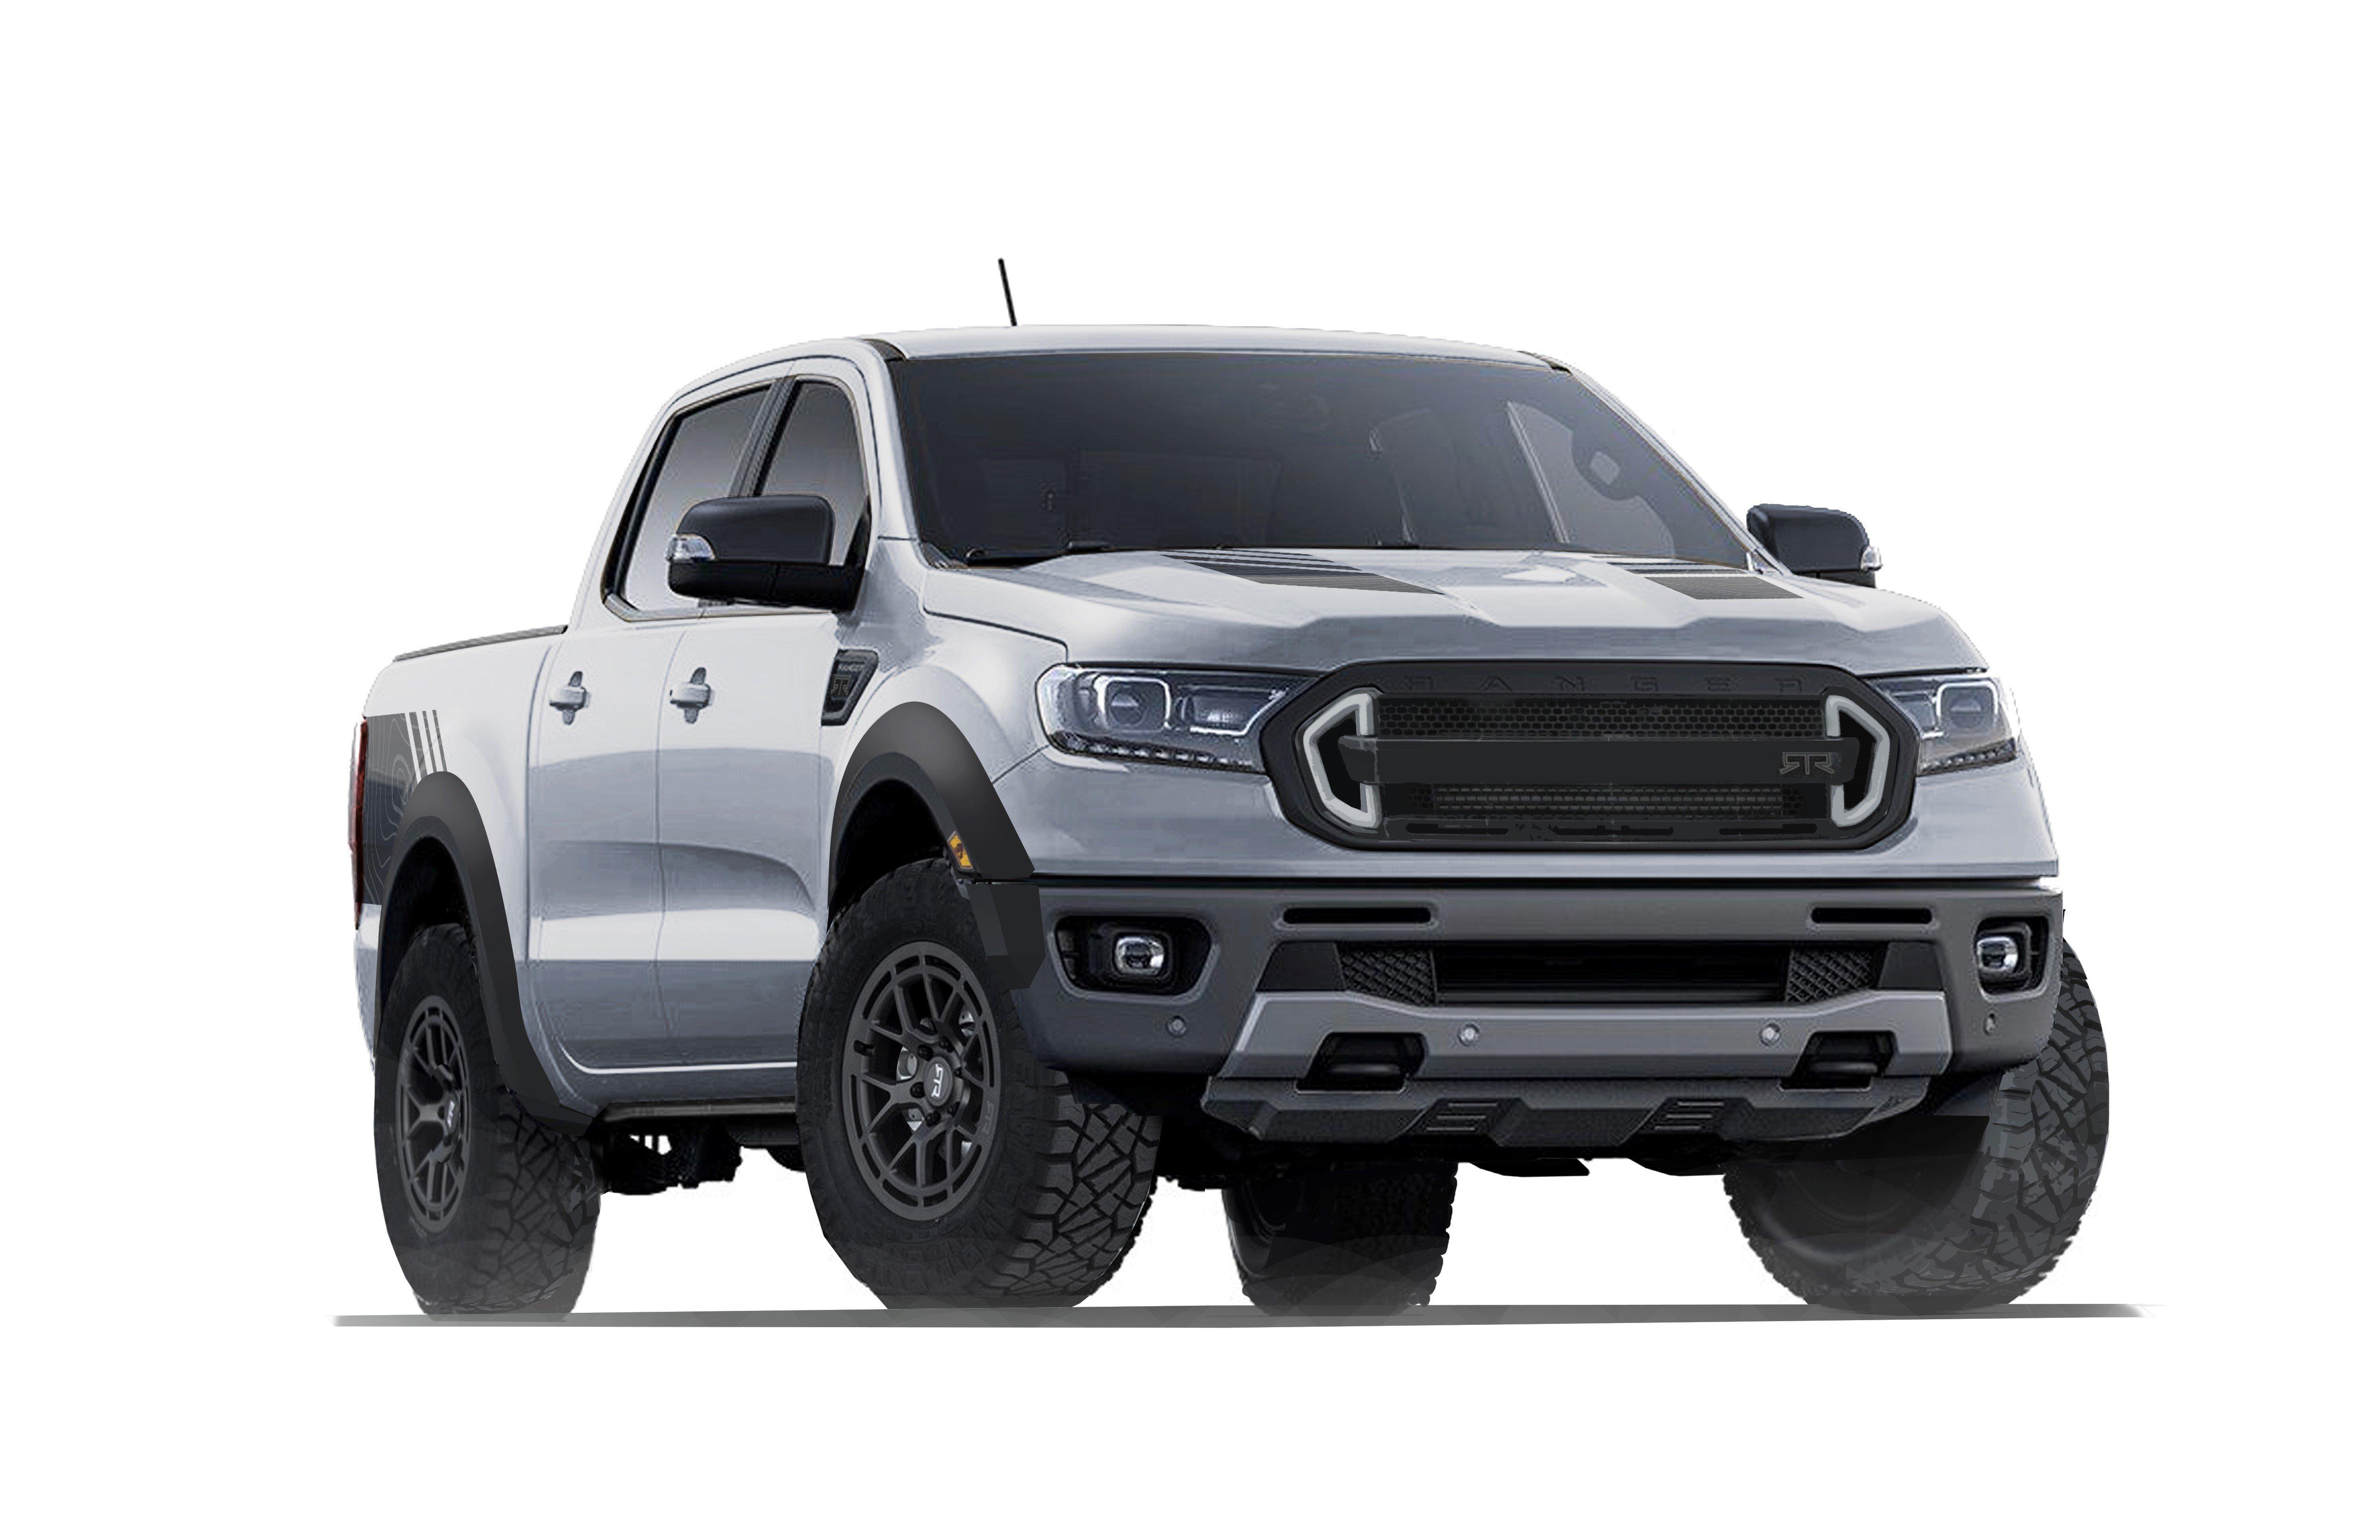 Ford-Ranger-RTR-1